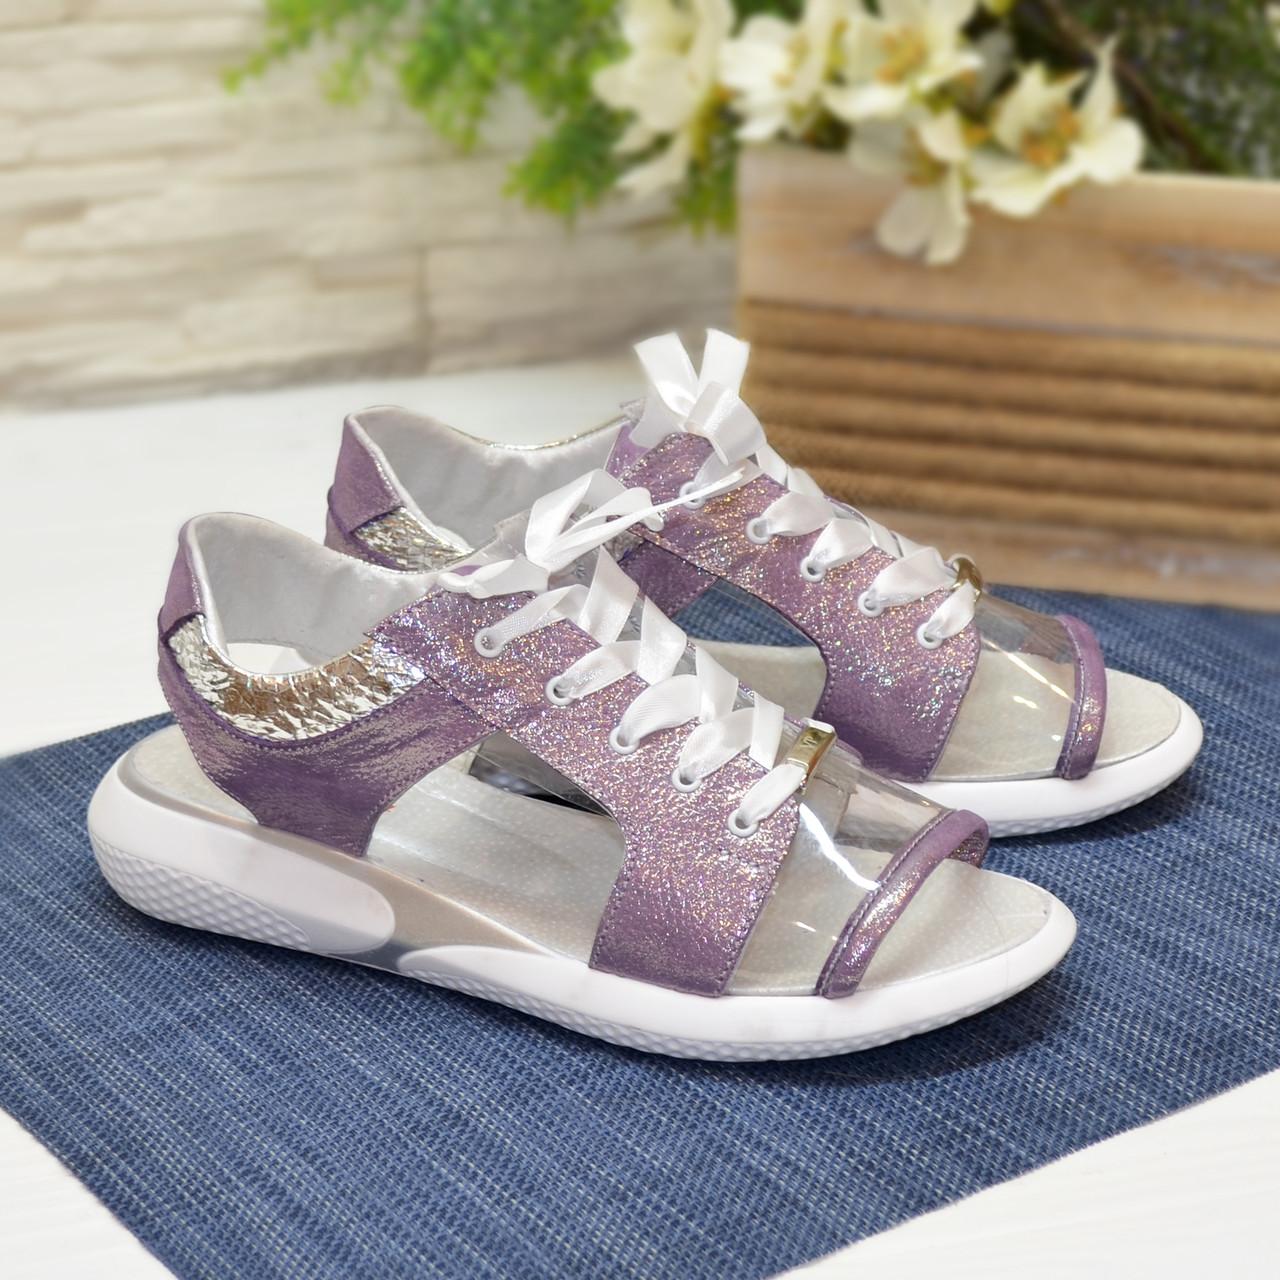 Босоножки спортивные кожаные на шнурках, цвет лаванда/серебро